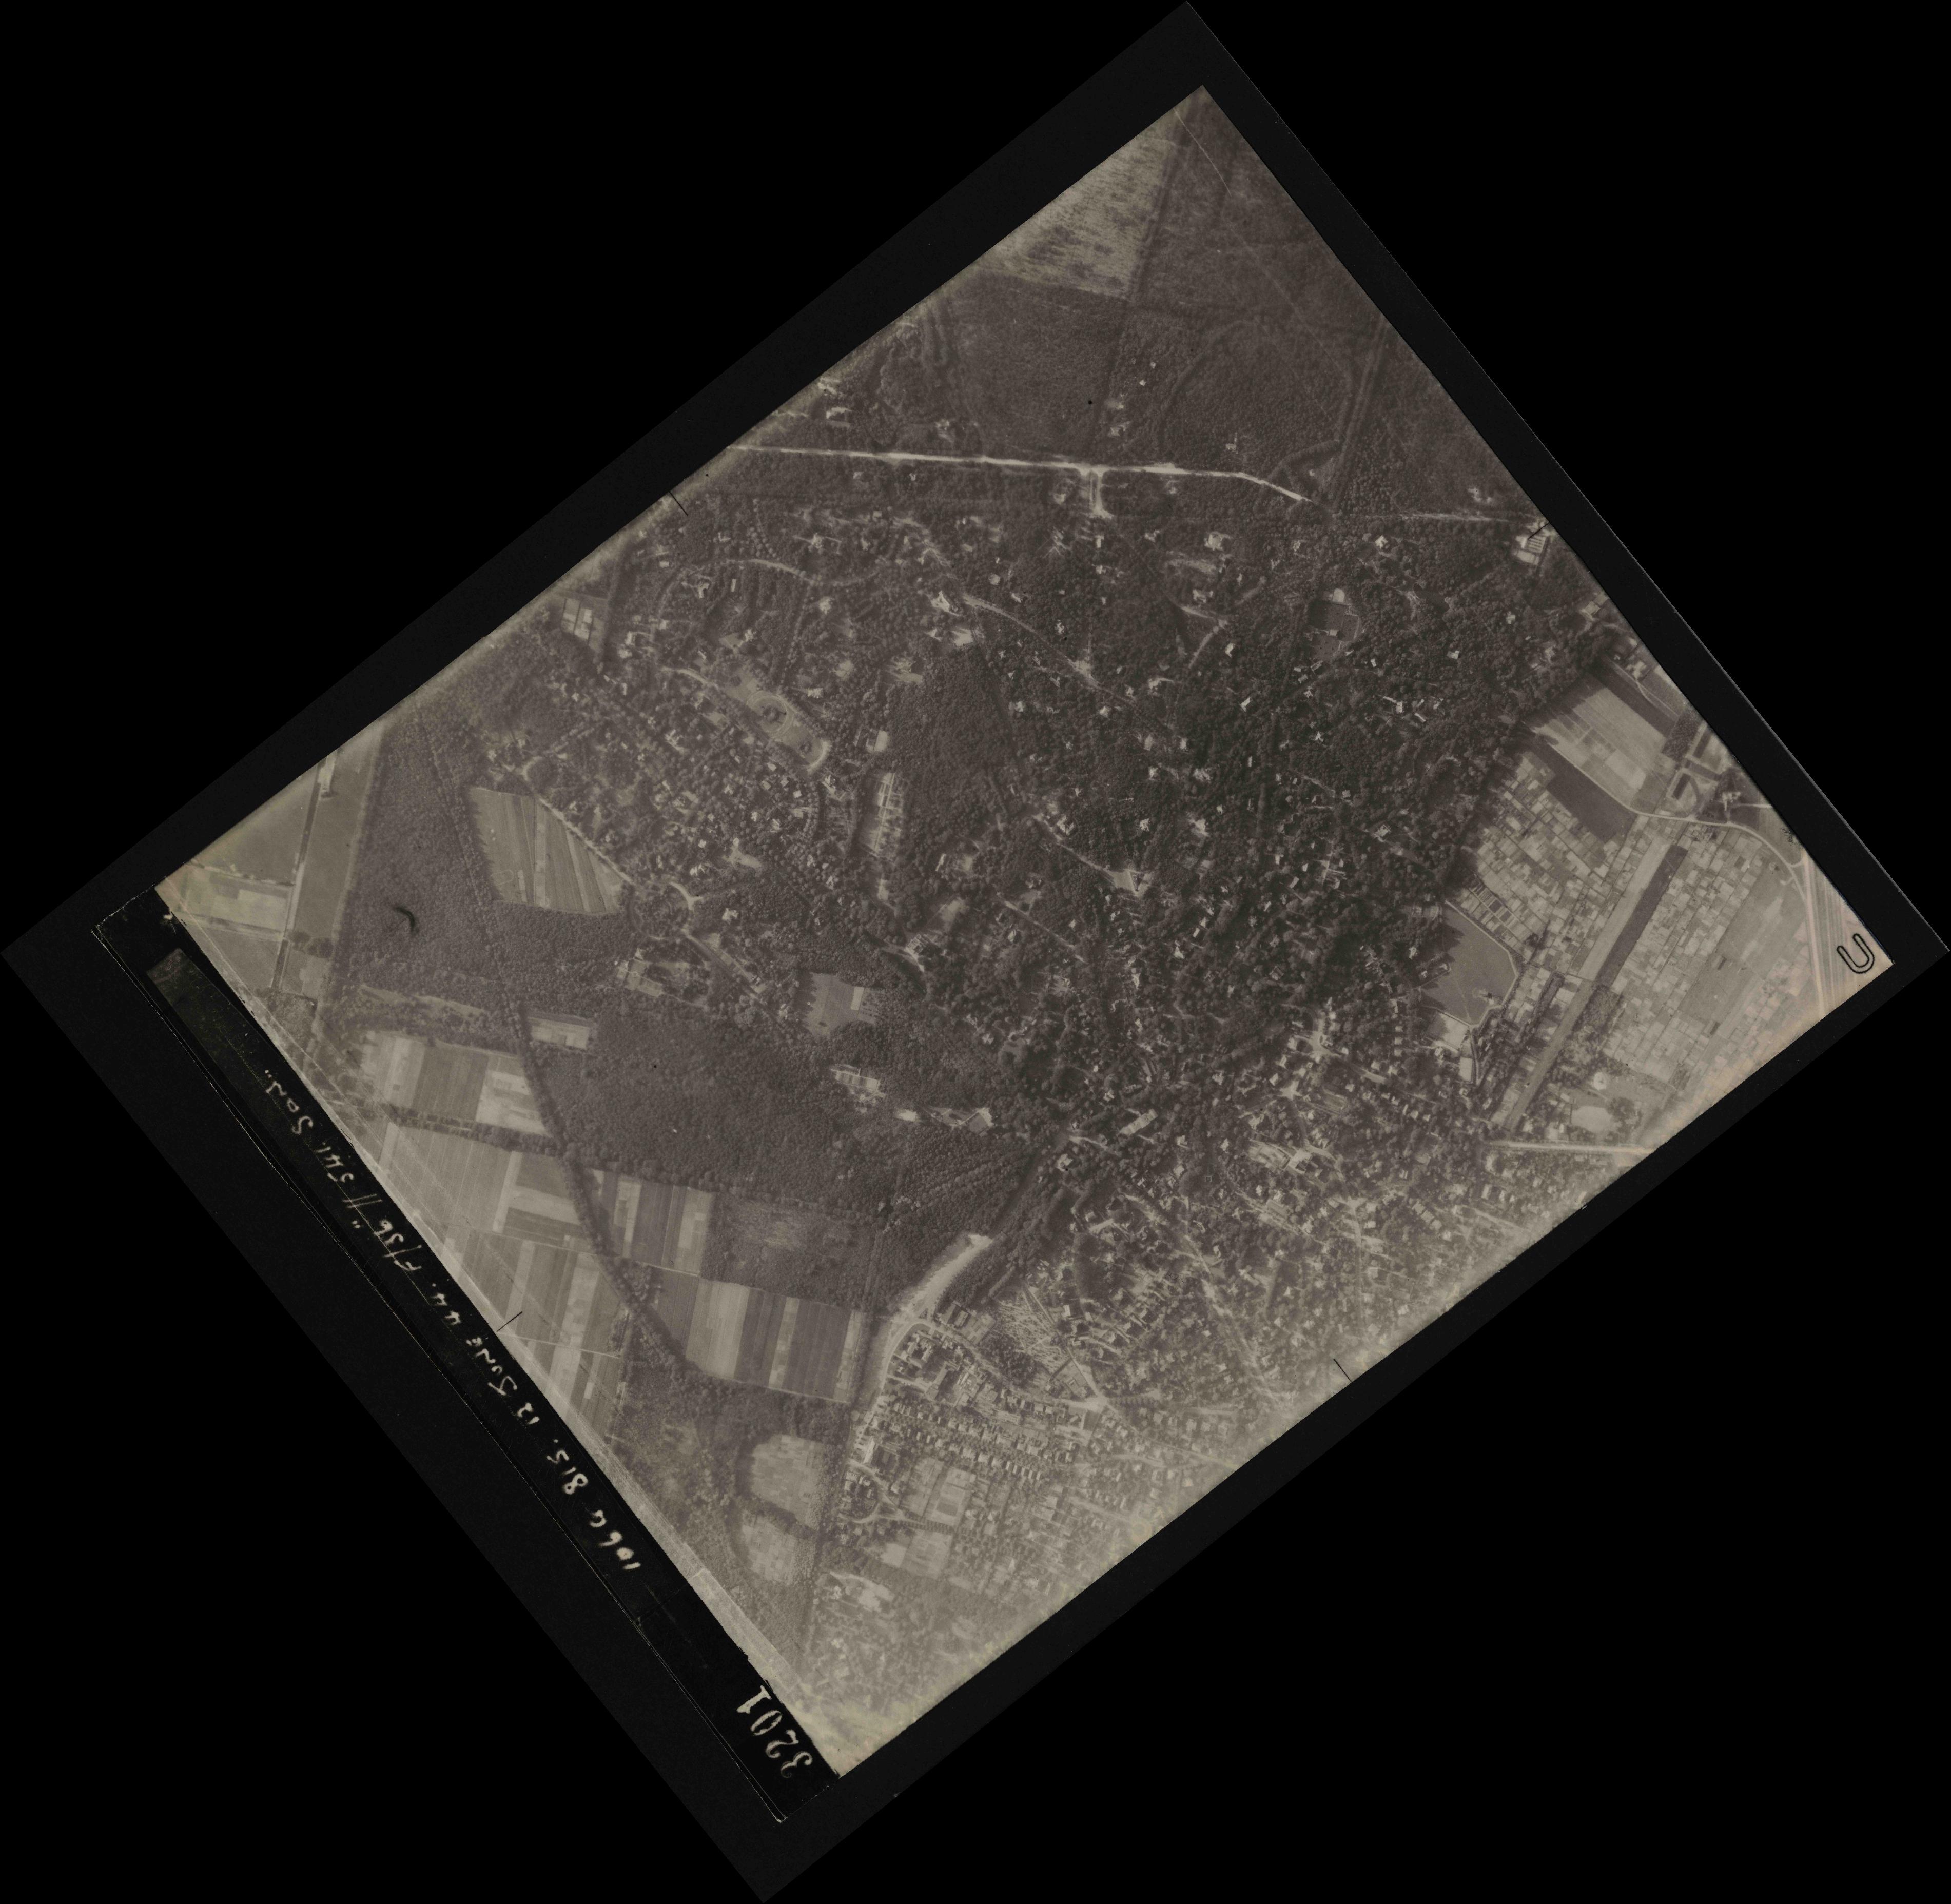 Collection RAF aerial photos 1940-1945 - flight 175, run 02, photo 3201